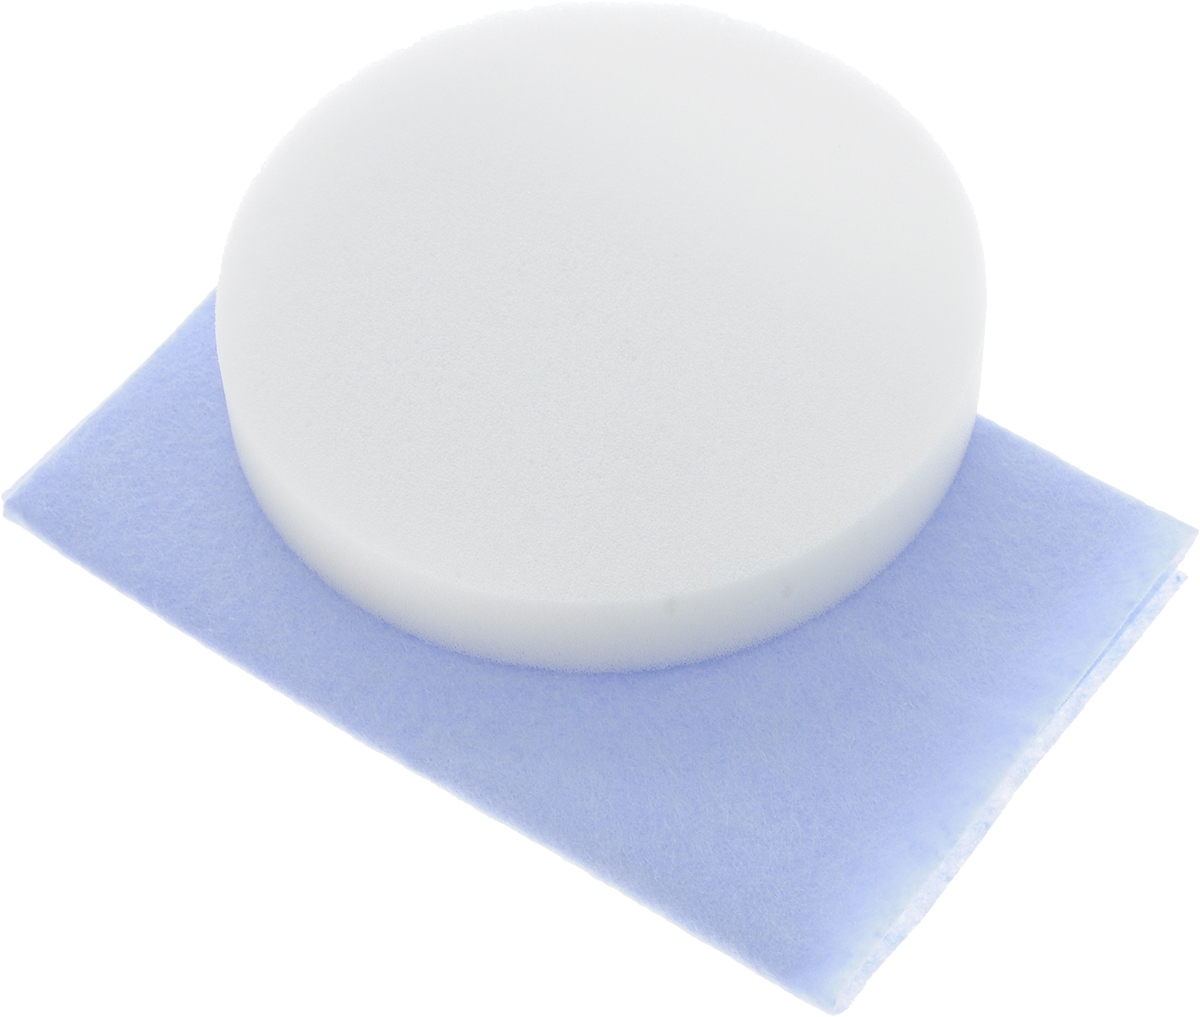 Набор салфеток для полировки автомобиля Runway, цвет: голубой, белый, 2 штRC-100BWCНабор салфеток для полировки автомобиля Runway состоит из вискозной салфетки и губки. Набор прекрасно полирует автомобиль. Для нанесения полироли используйте вискозную салфетку. Небольшое количество полироли выдавите не салфетку и равномерно нанесите на лакокрасочное покрытие автомобиля. Окончательно располируйте нанесенную полироль губкой. Набор подходит для многократного применения.Размер салфетки: 30 х 30 см.Диаметр губки: 12 см.